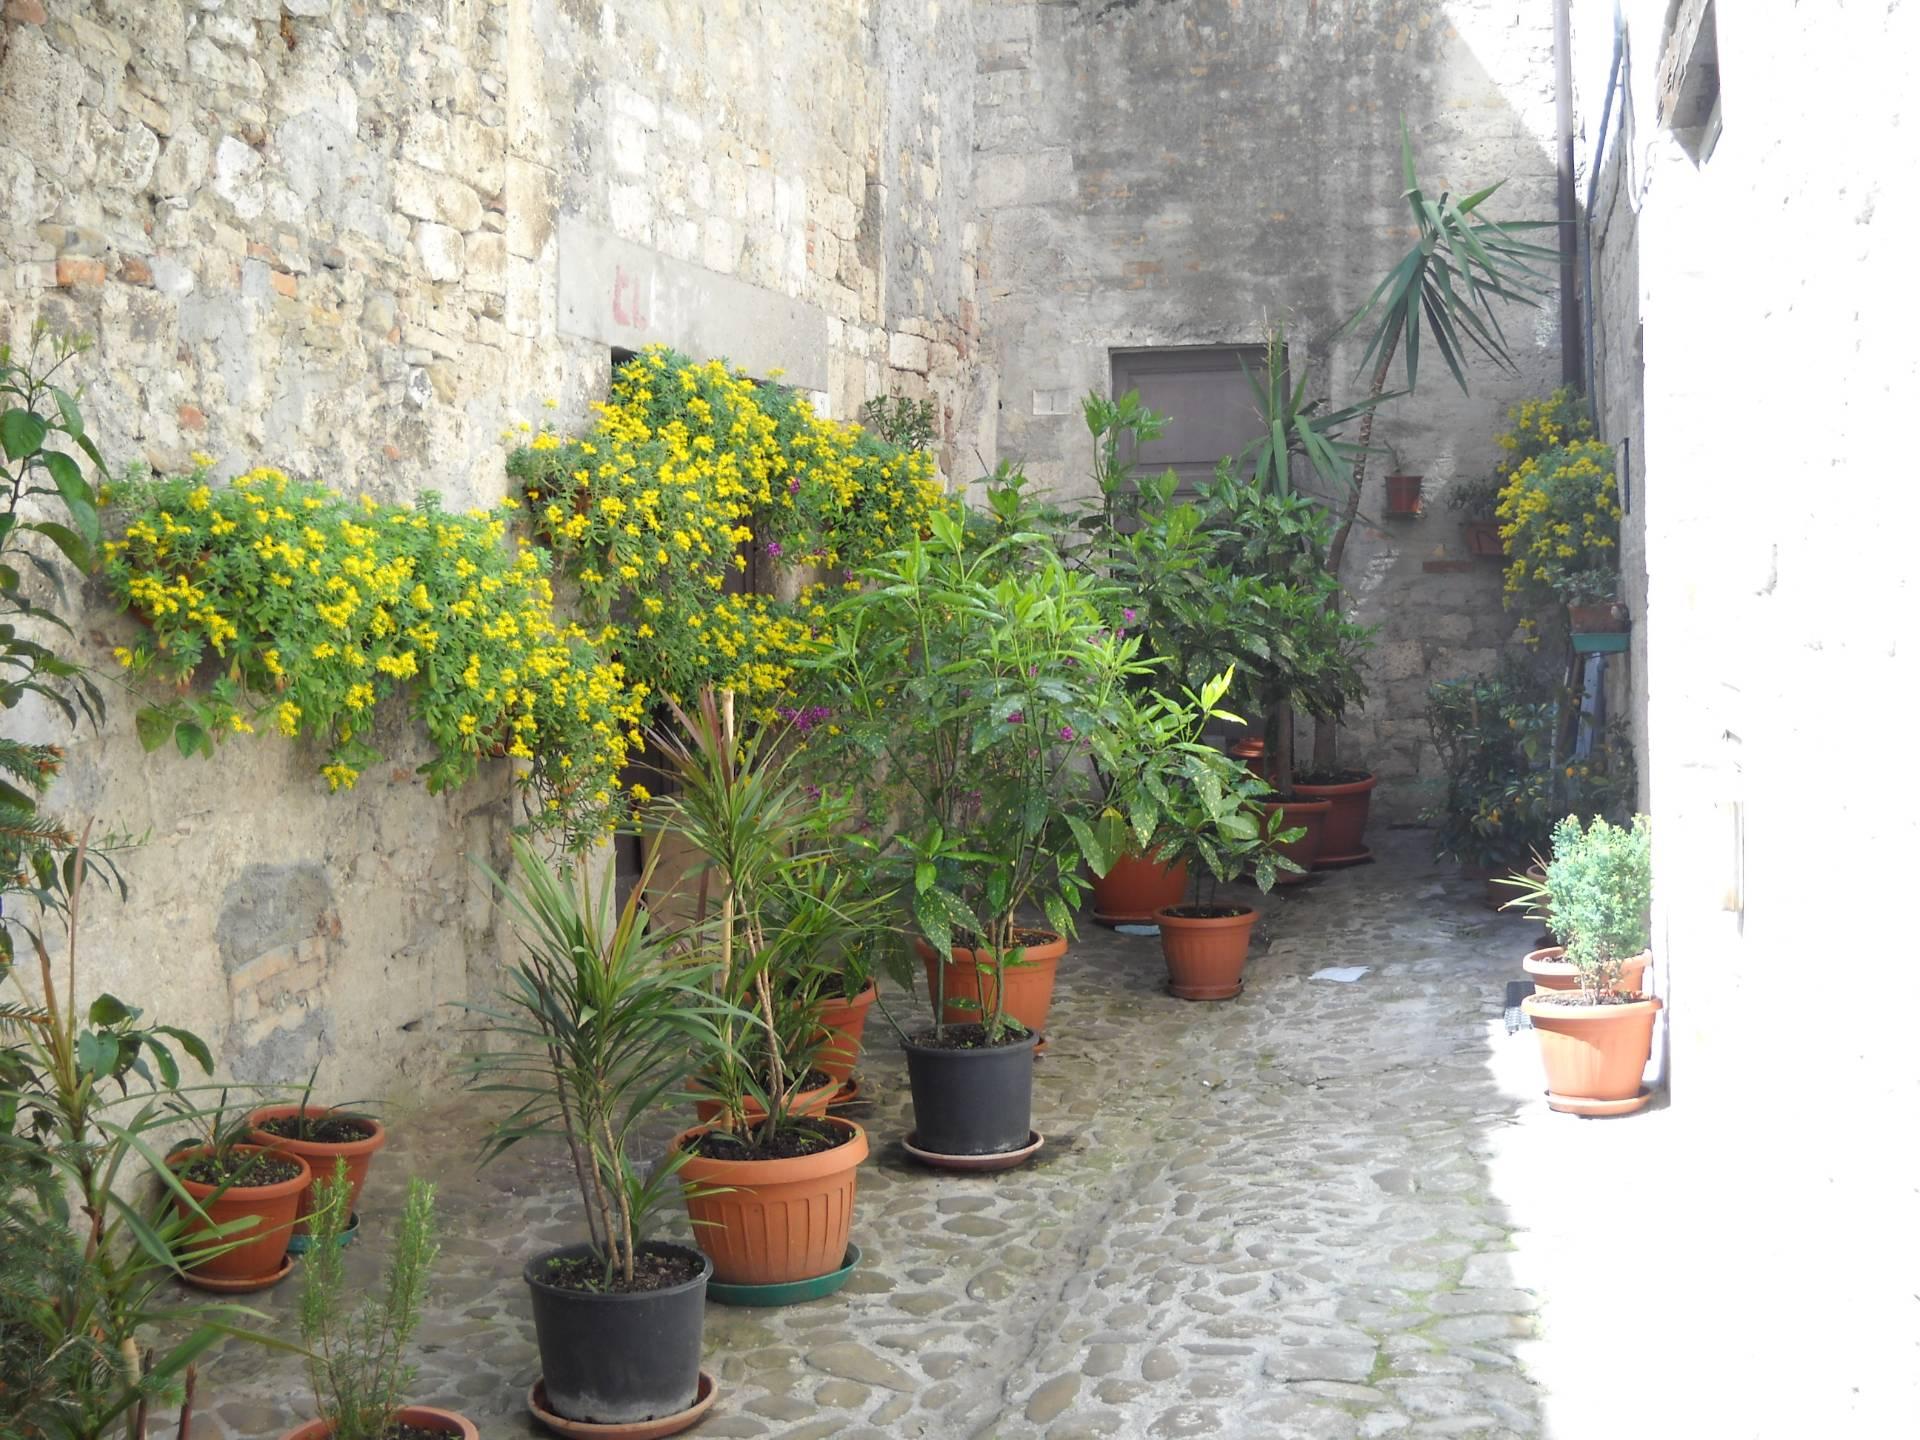 Soluzione Indipendente in affitto a Ascoli Piceno, 6 locali, zona Località: CentroStorico, prezzo € 500 | CambioCasa.it